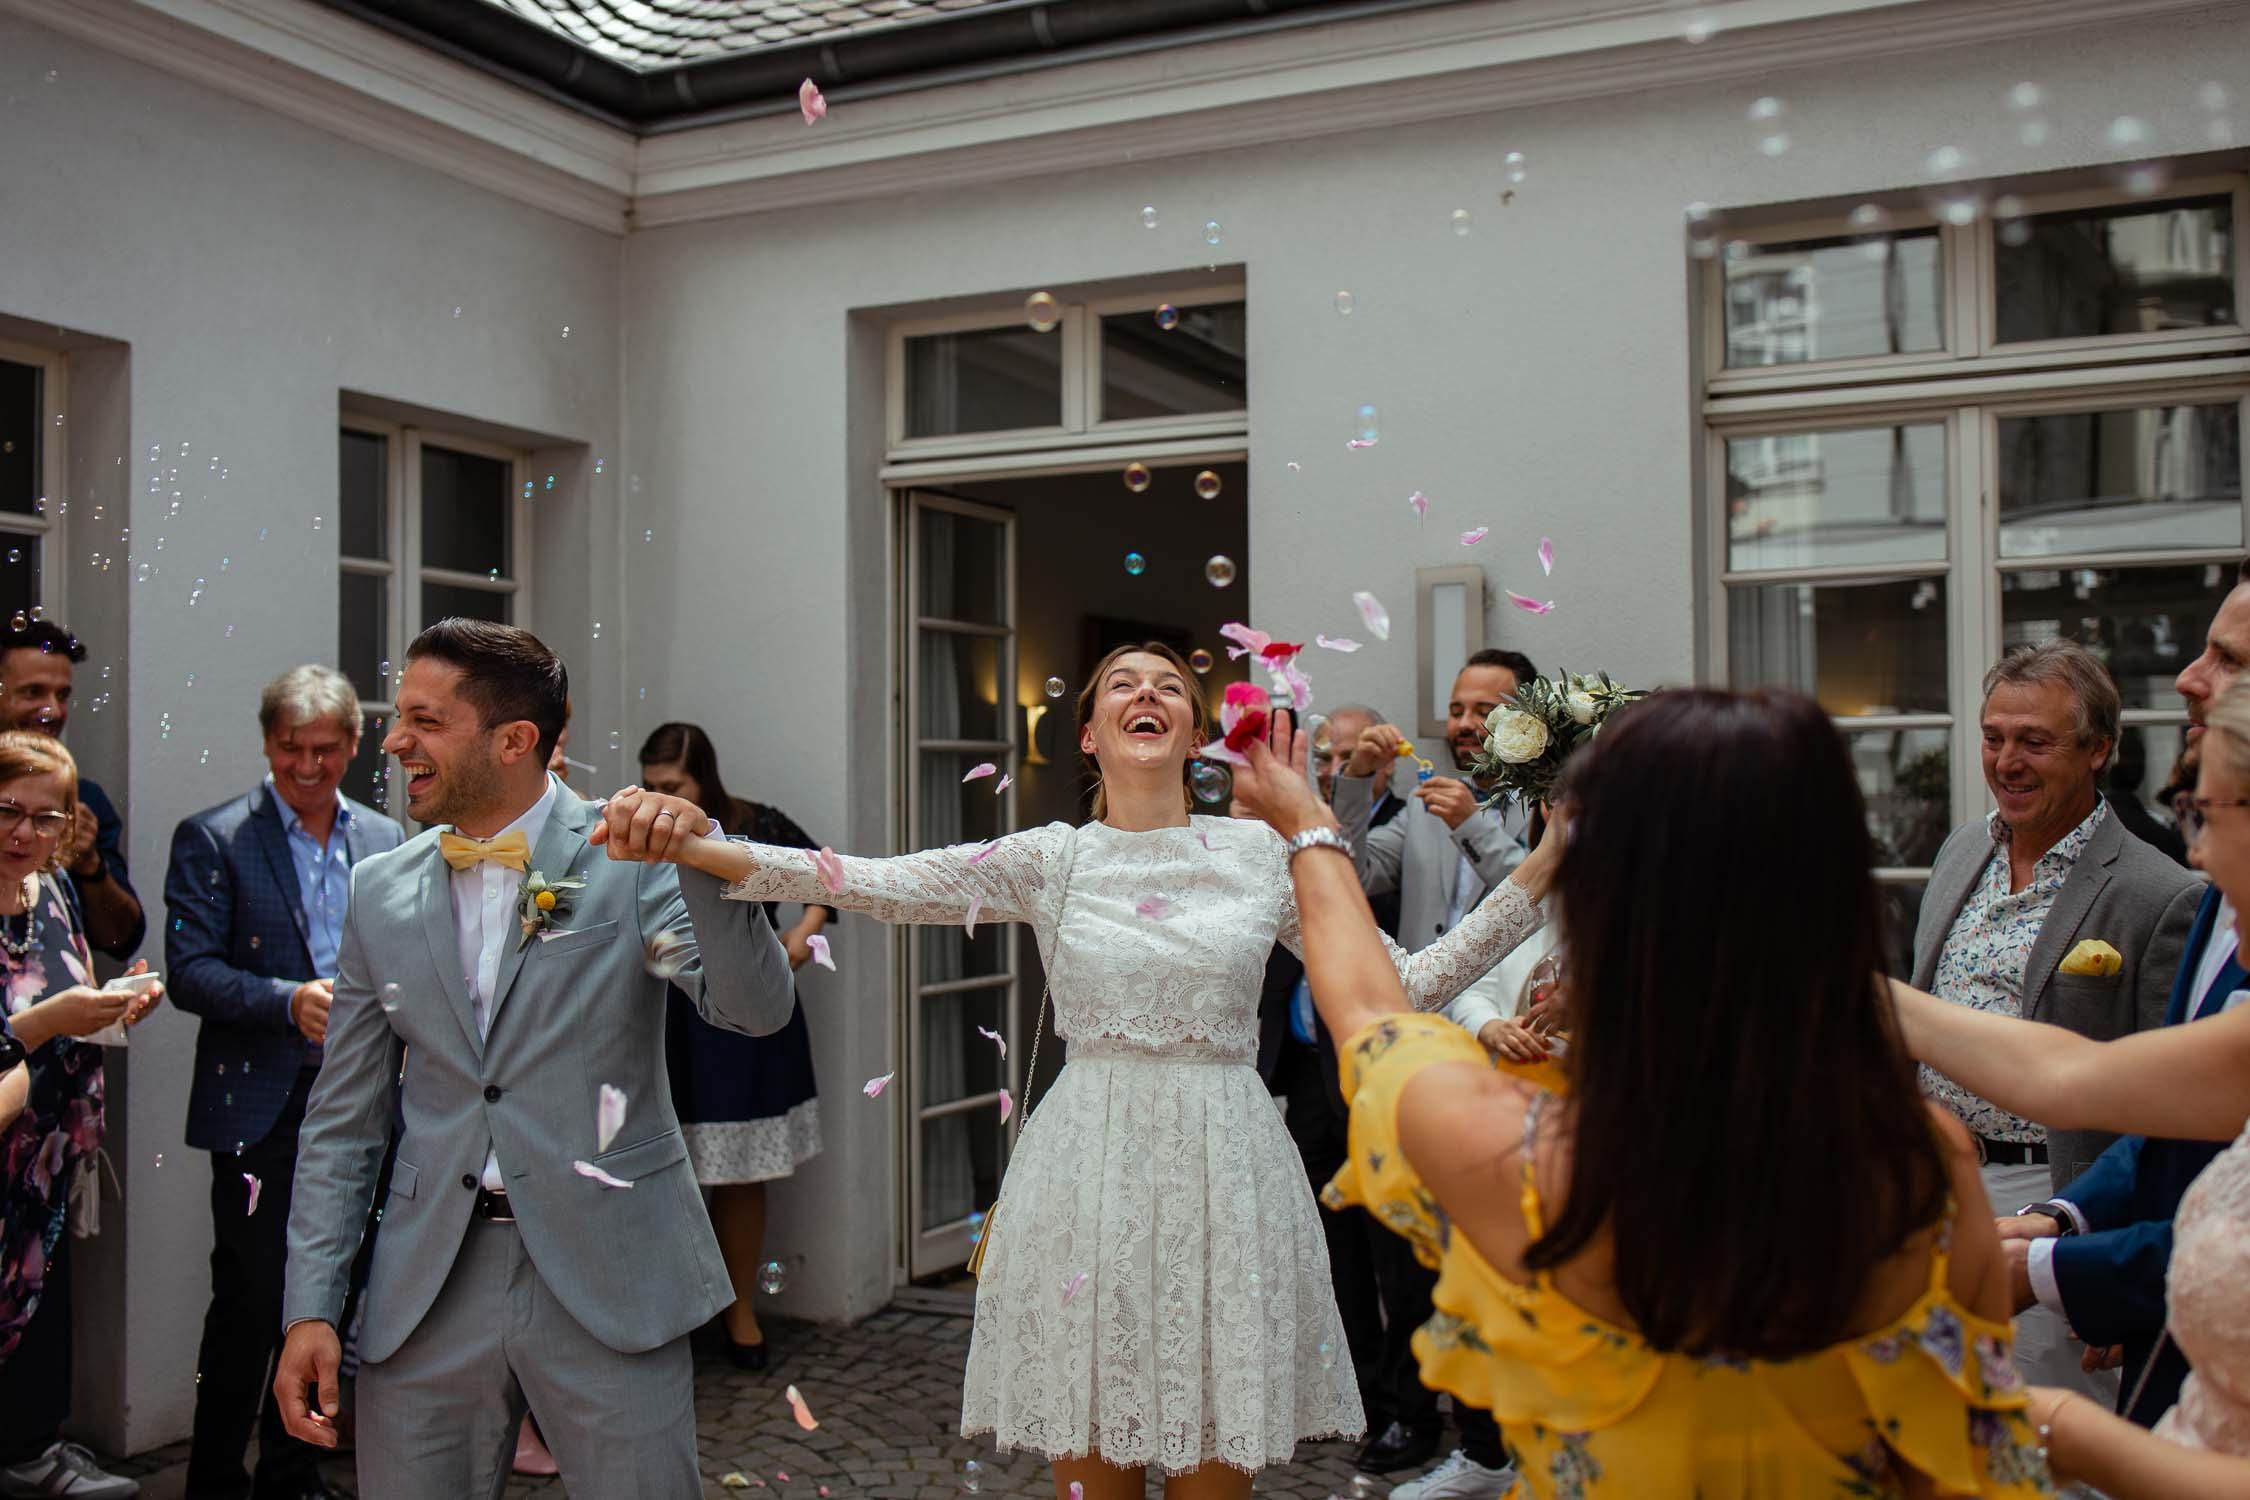 HochzeitsfotografKoeln BrautKleid AuthenticWeddingPhotography HochzeitsfotografDuesseldorf Hochzeitsfotograf HochzeitsfotografNRW AndreBastosFotografie14